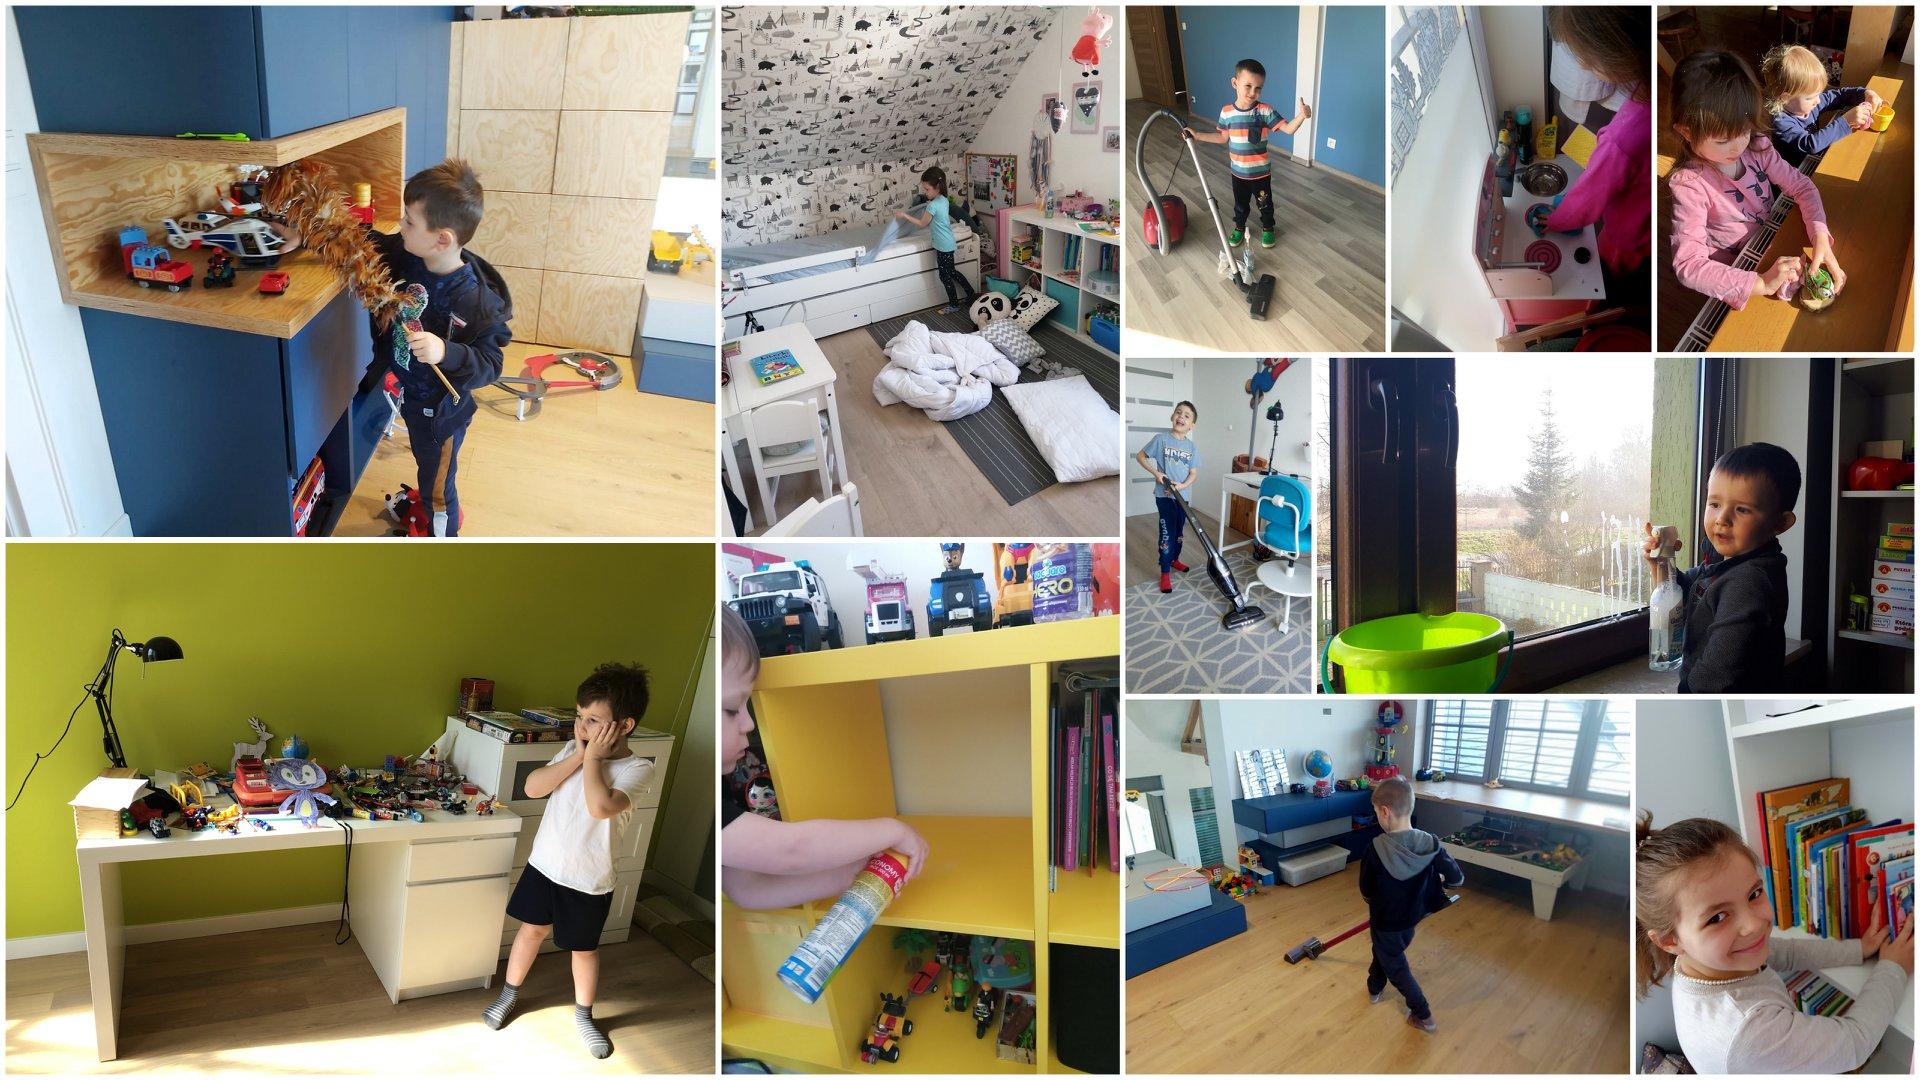 Na kolażu z 10 zdjęć znajdują się dzieci w trakcie sprzątania pokoju. Odkurzają, ścierają kurze, ścielą łóżko, myją okna i układają książki.